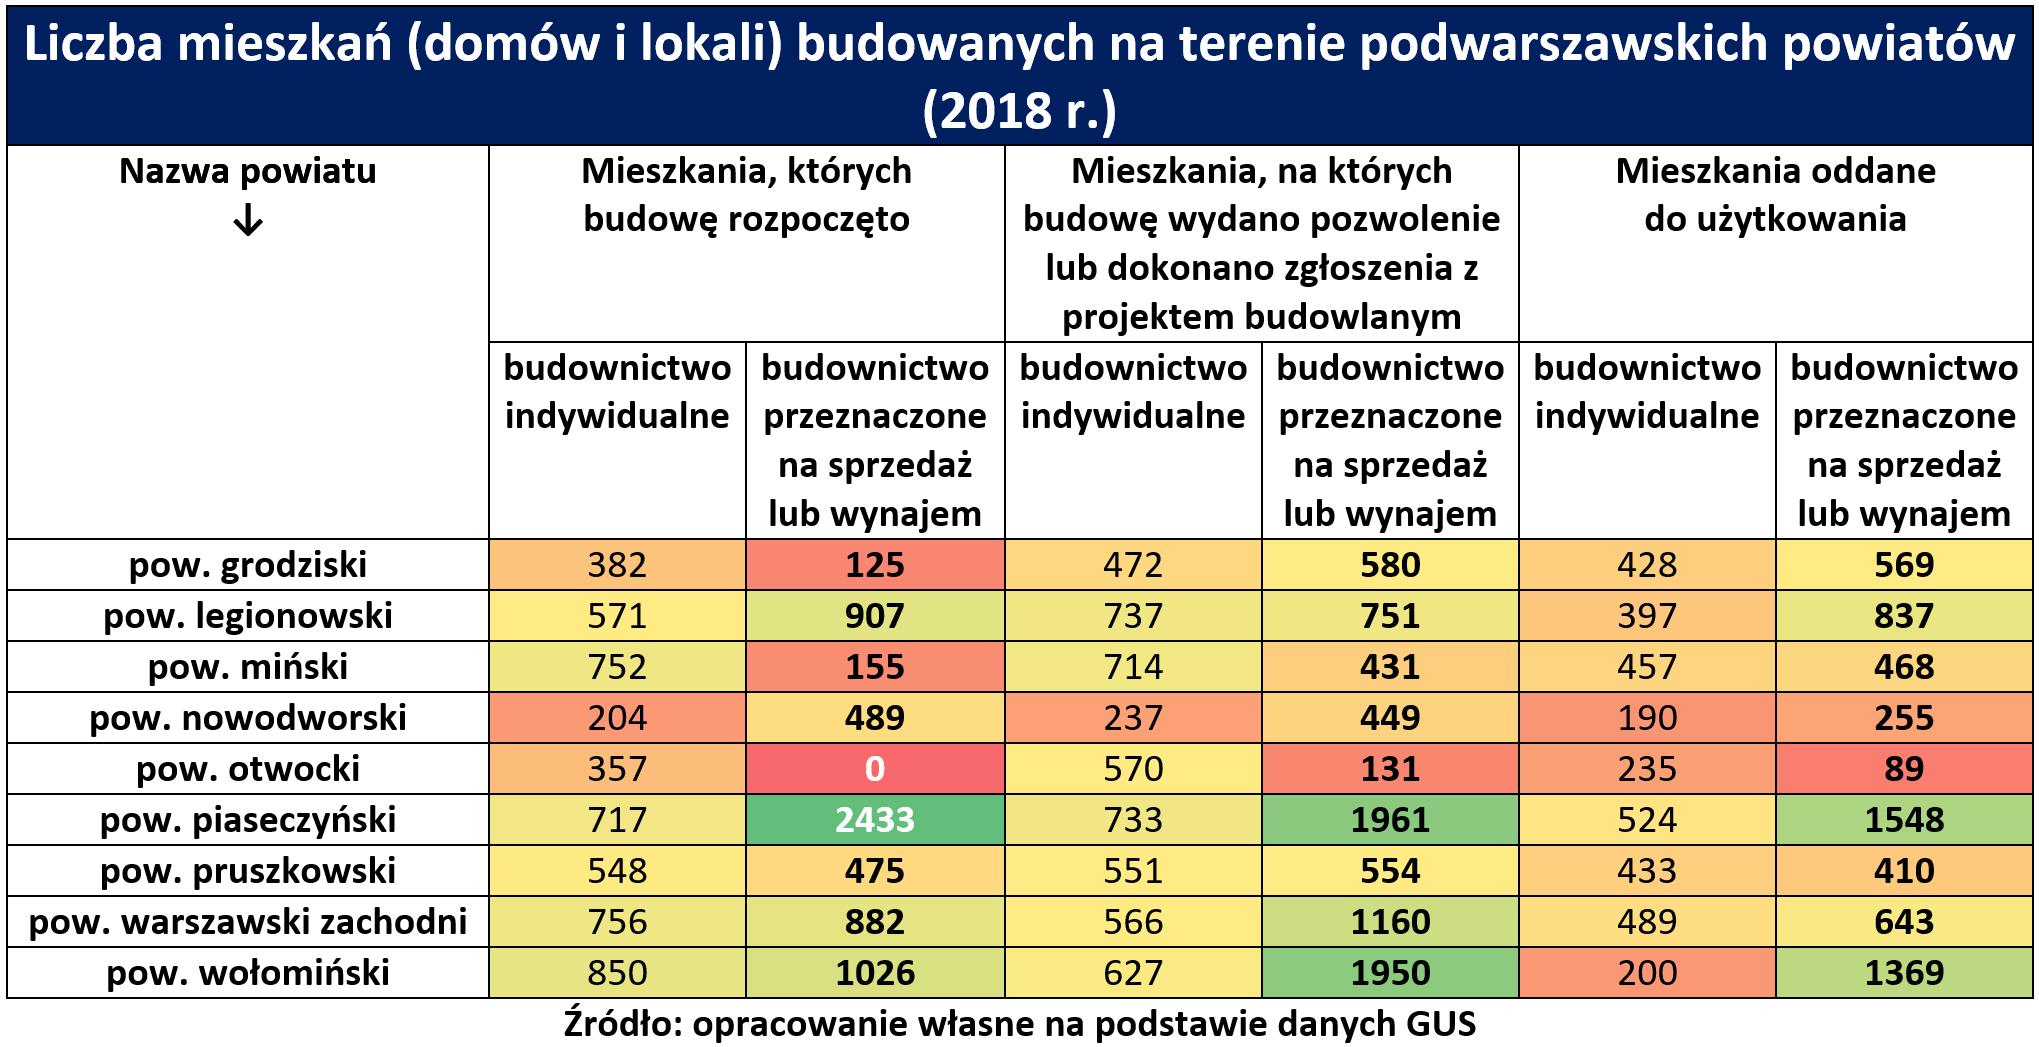 Nowe mieszkania pod Warszawą NieruchomosciSzybko tab.1